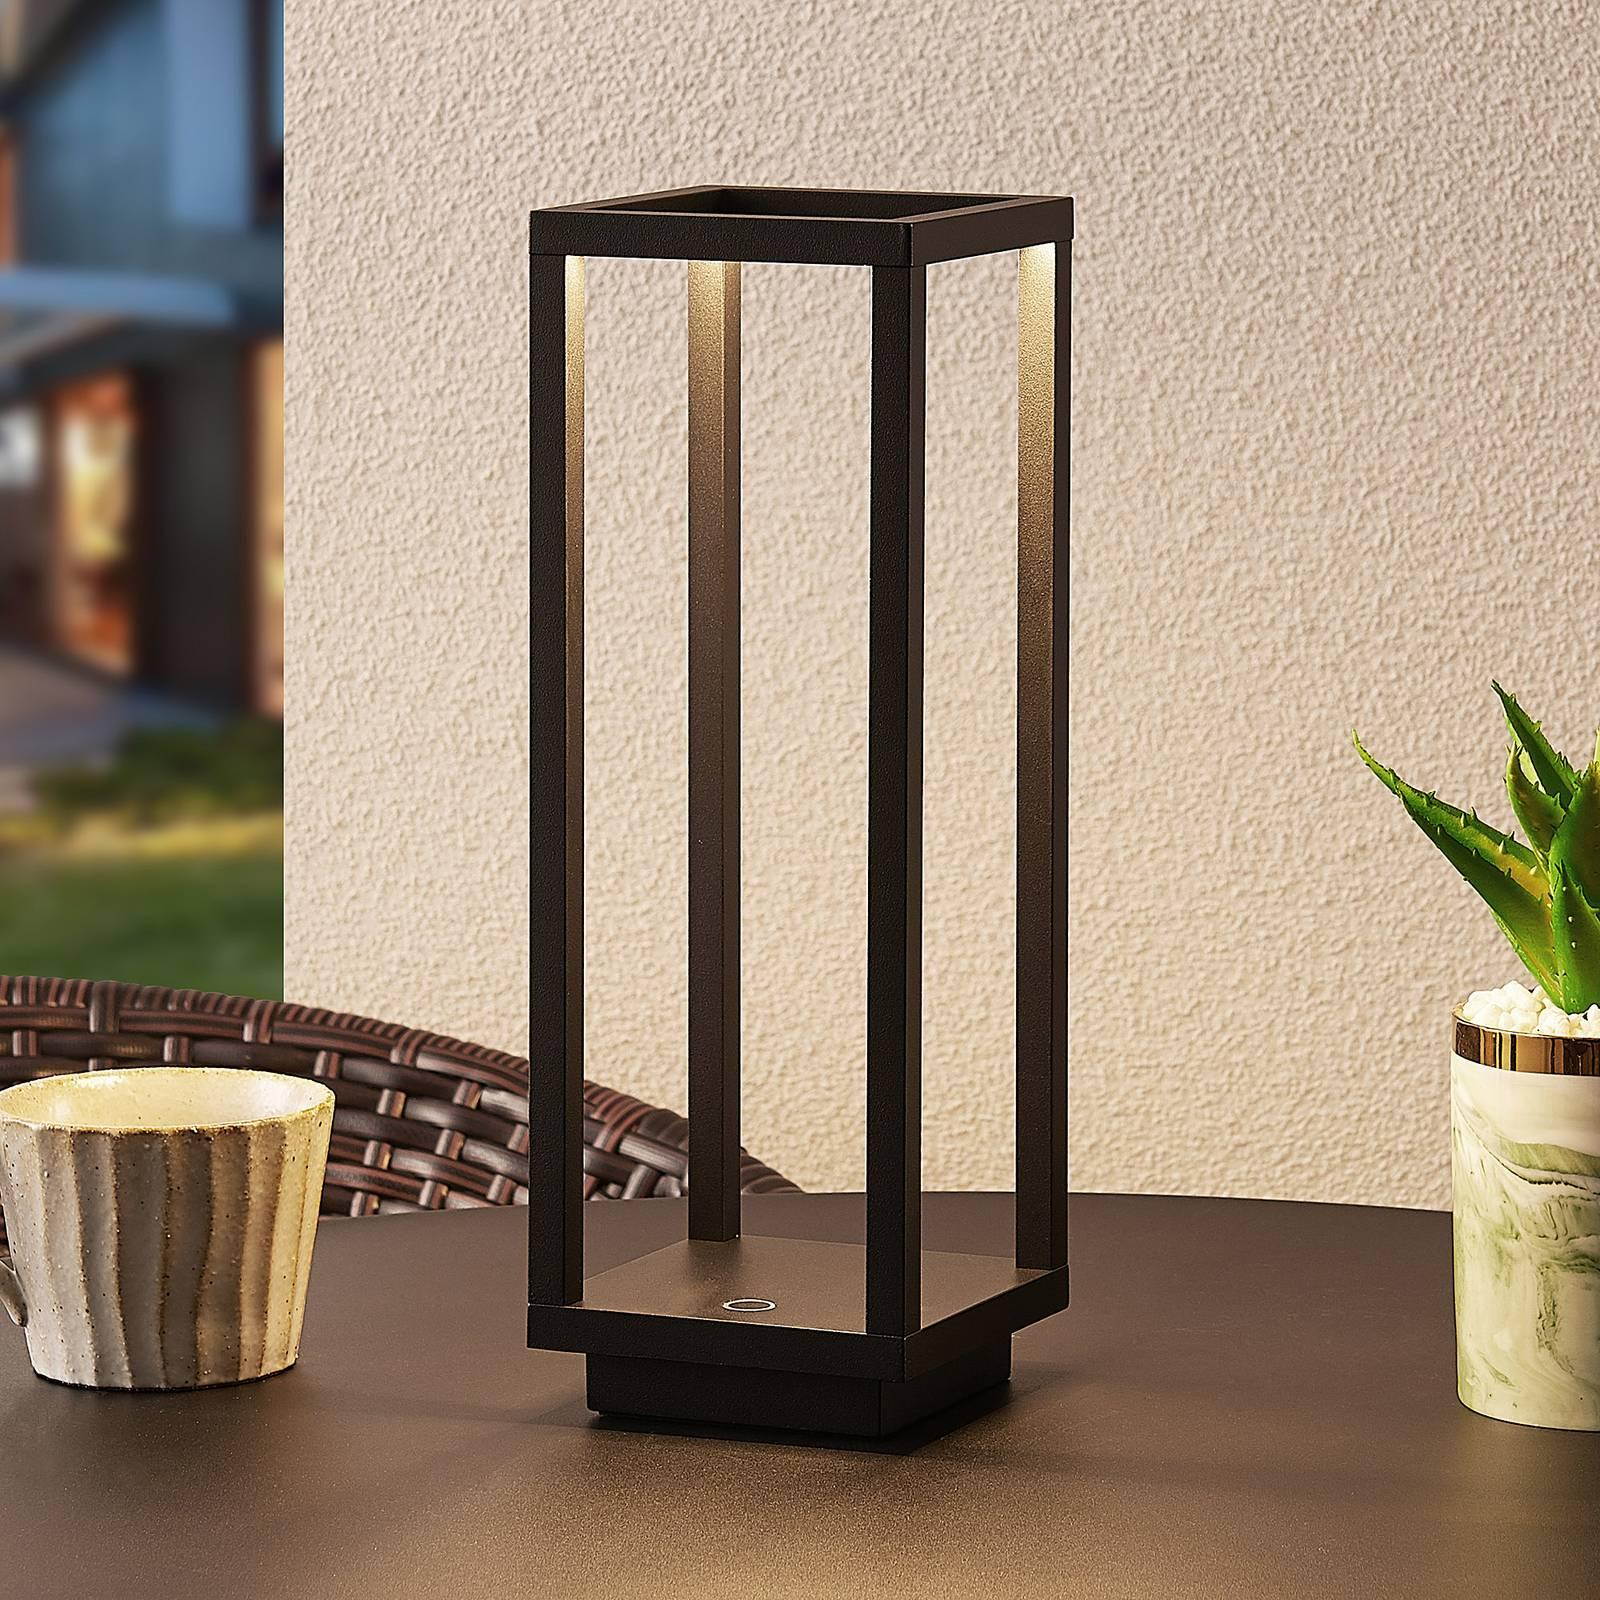 Lucande Kalamei LED buitenlantaarn, USB, zwart